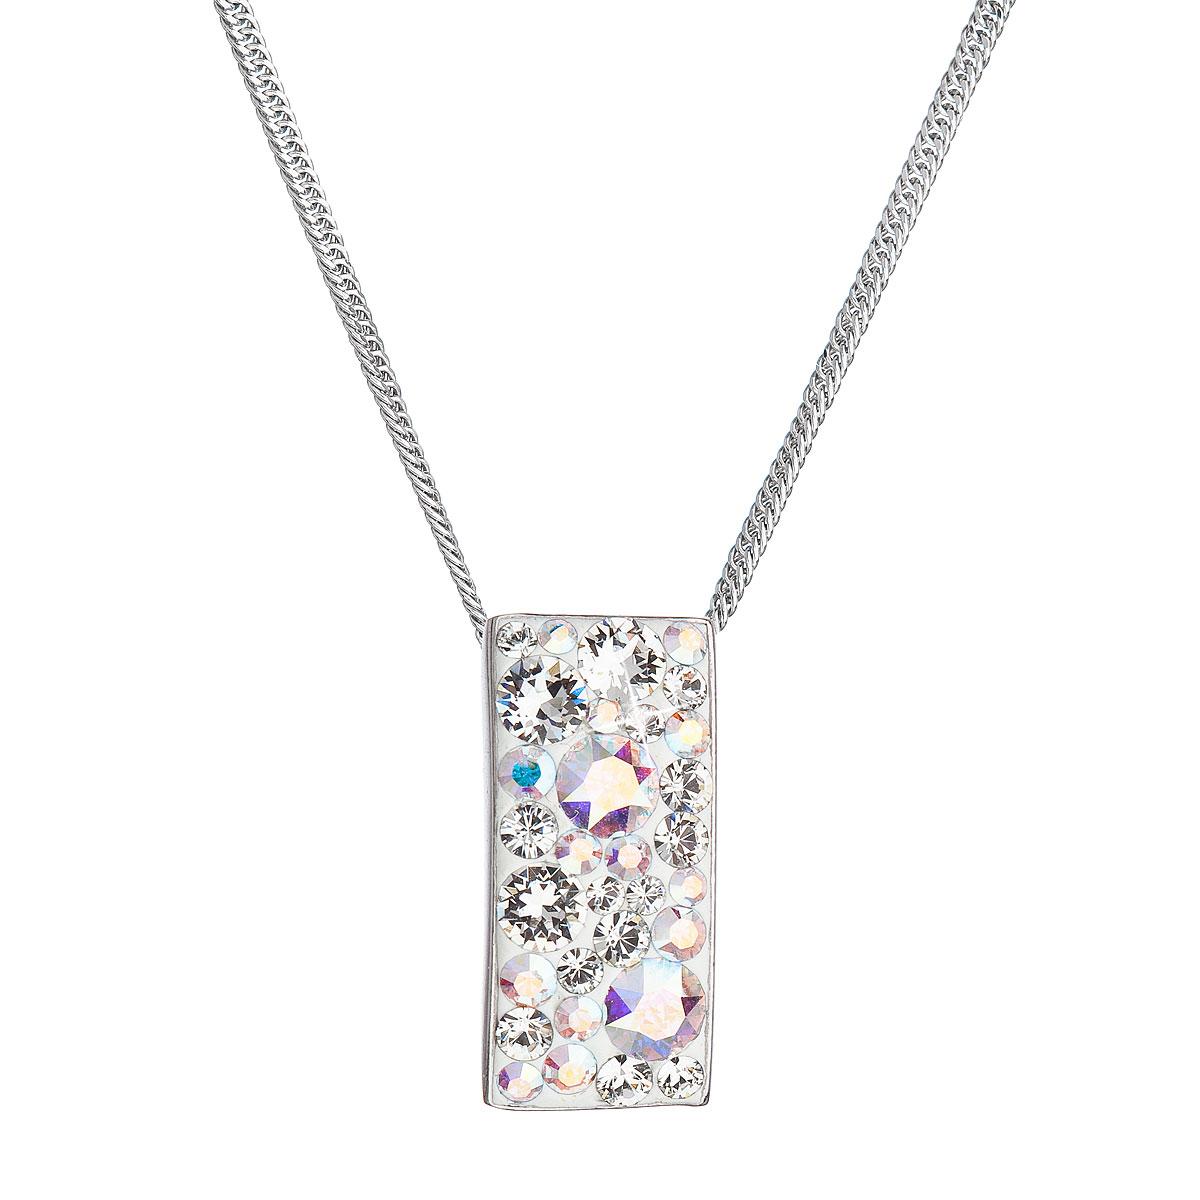 Evolution group Stříbrný náhrdelník se Swarovski krystaly obdélník 32074.2 ab efekt